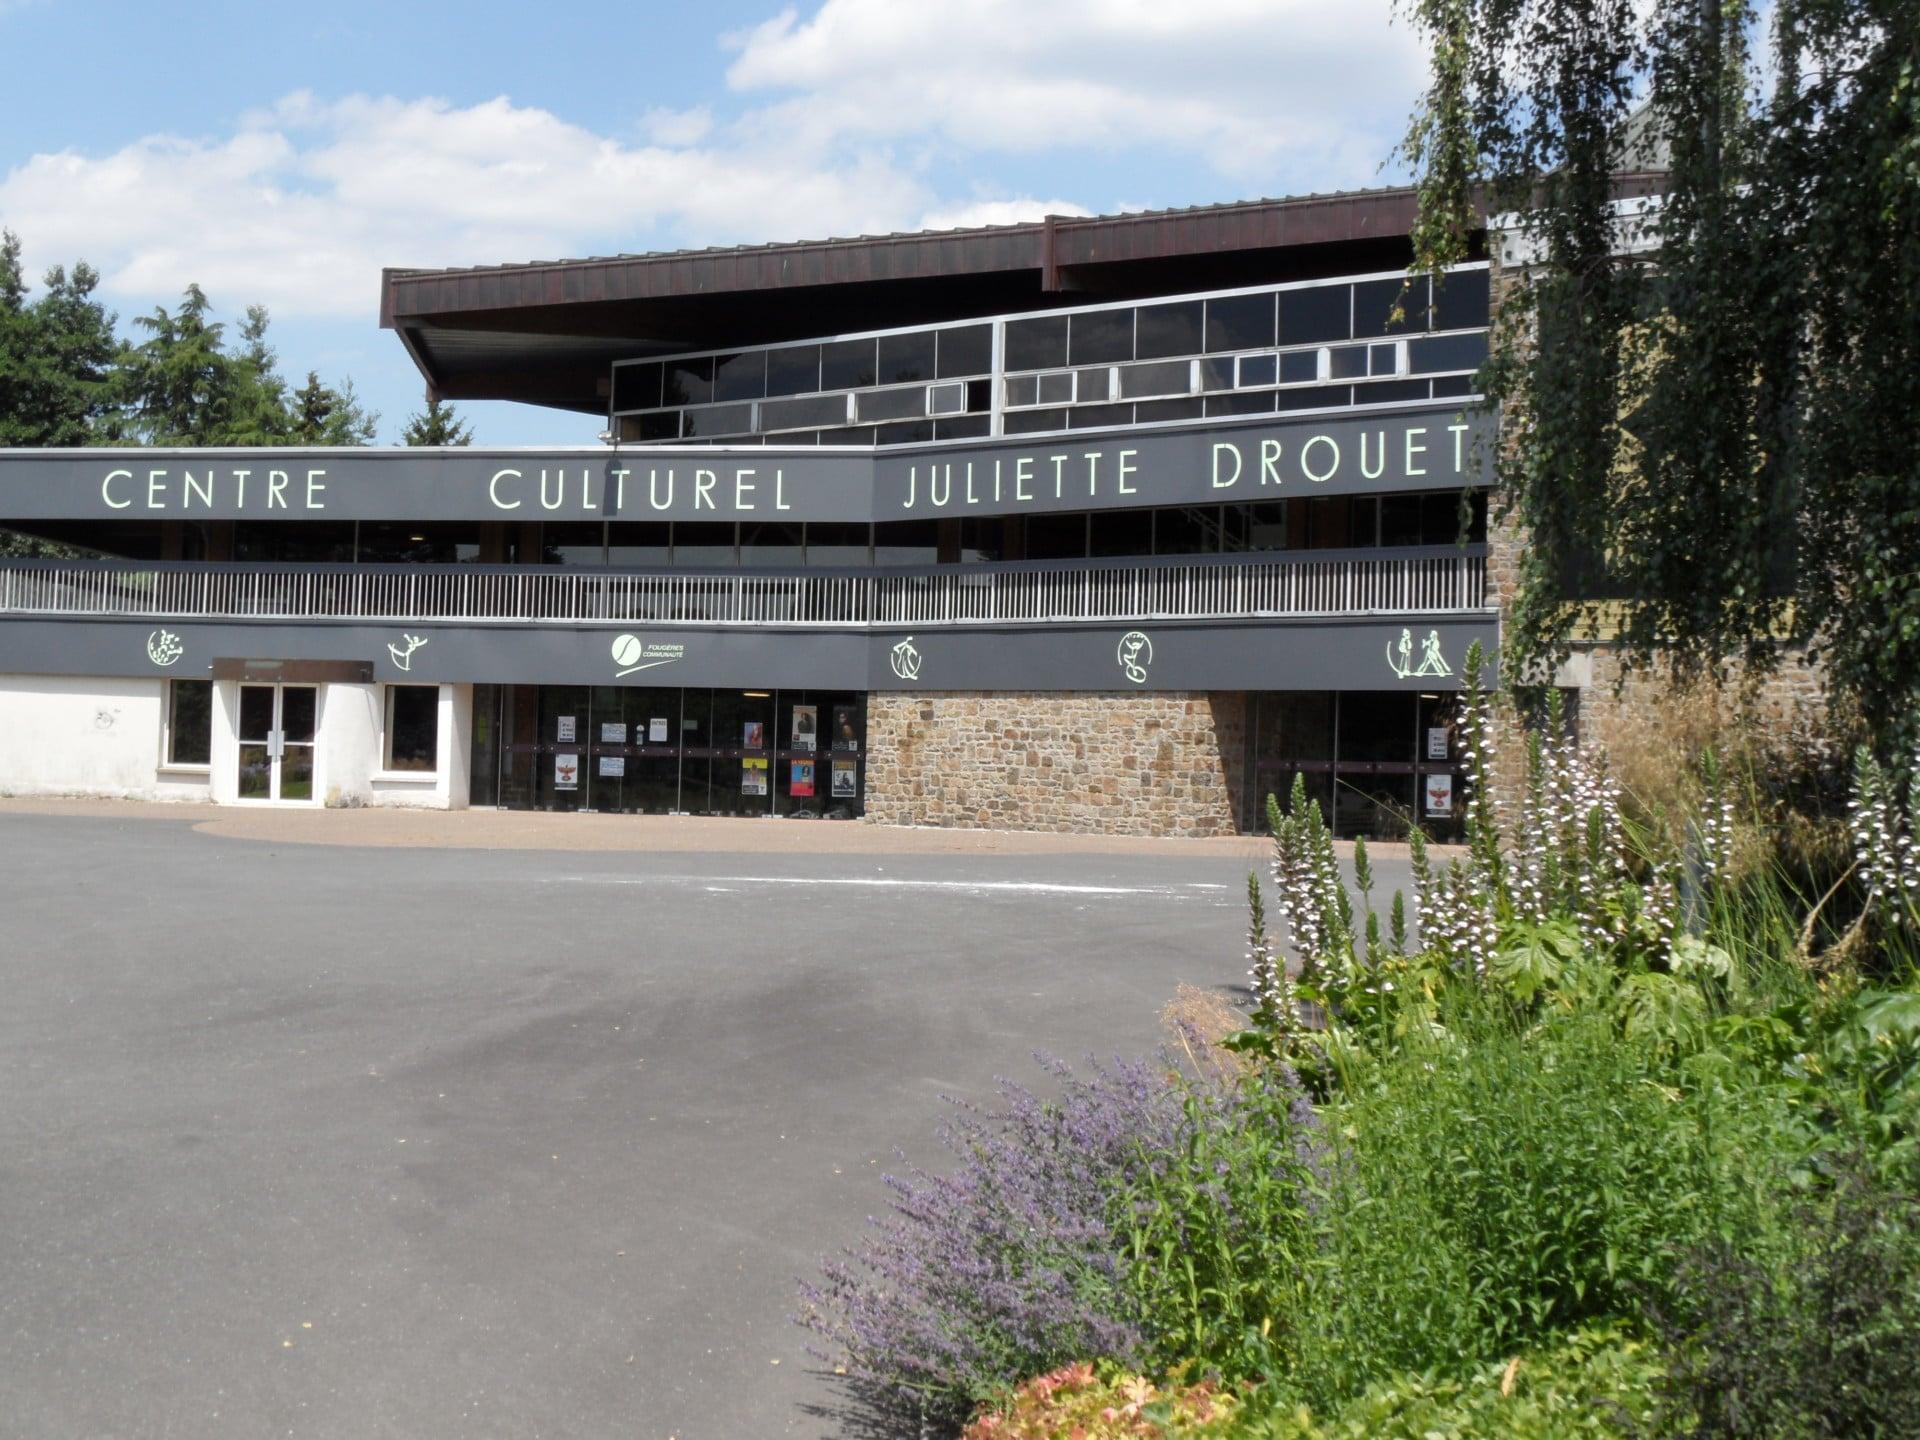 Centre culturel Juliette Drouet